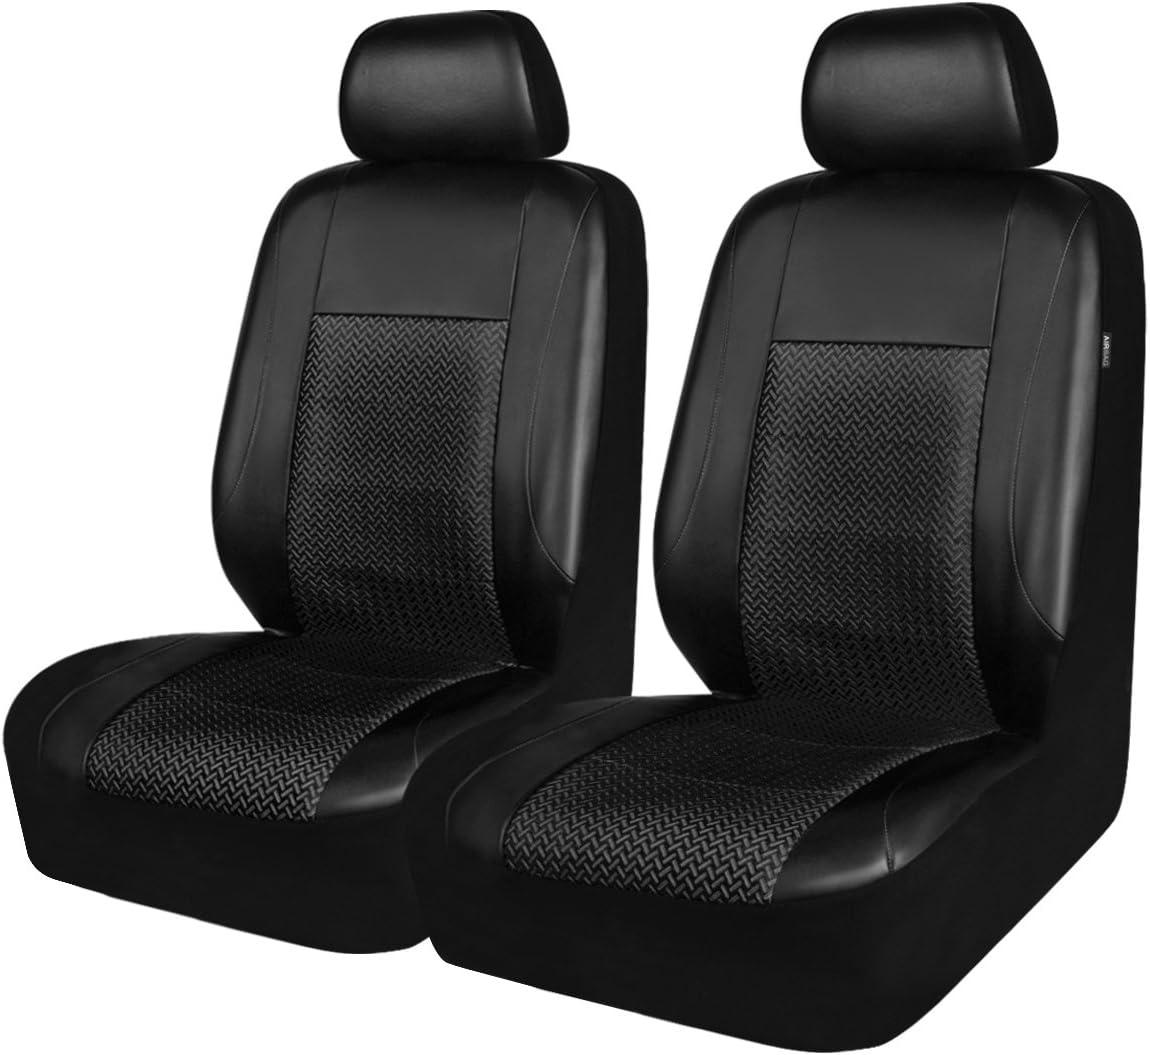 CAR PASS caballo kingdm Universal asiento de coche asiento de fundas protectores de piel sintética y malla airbag Compatible